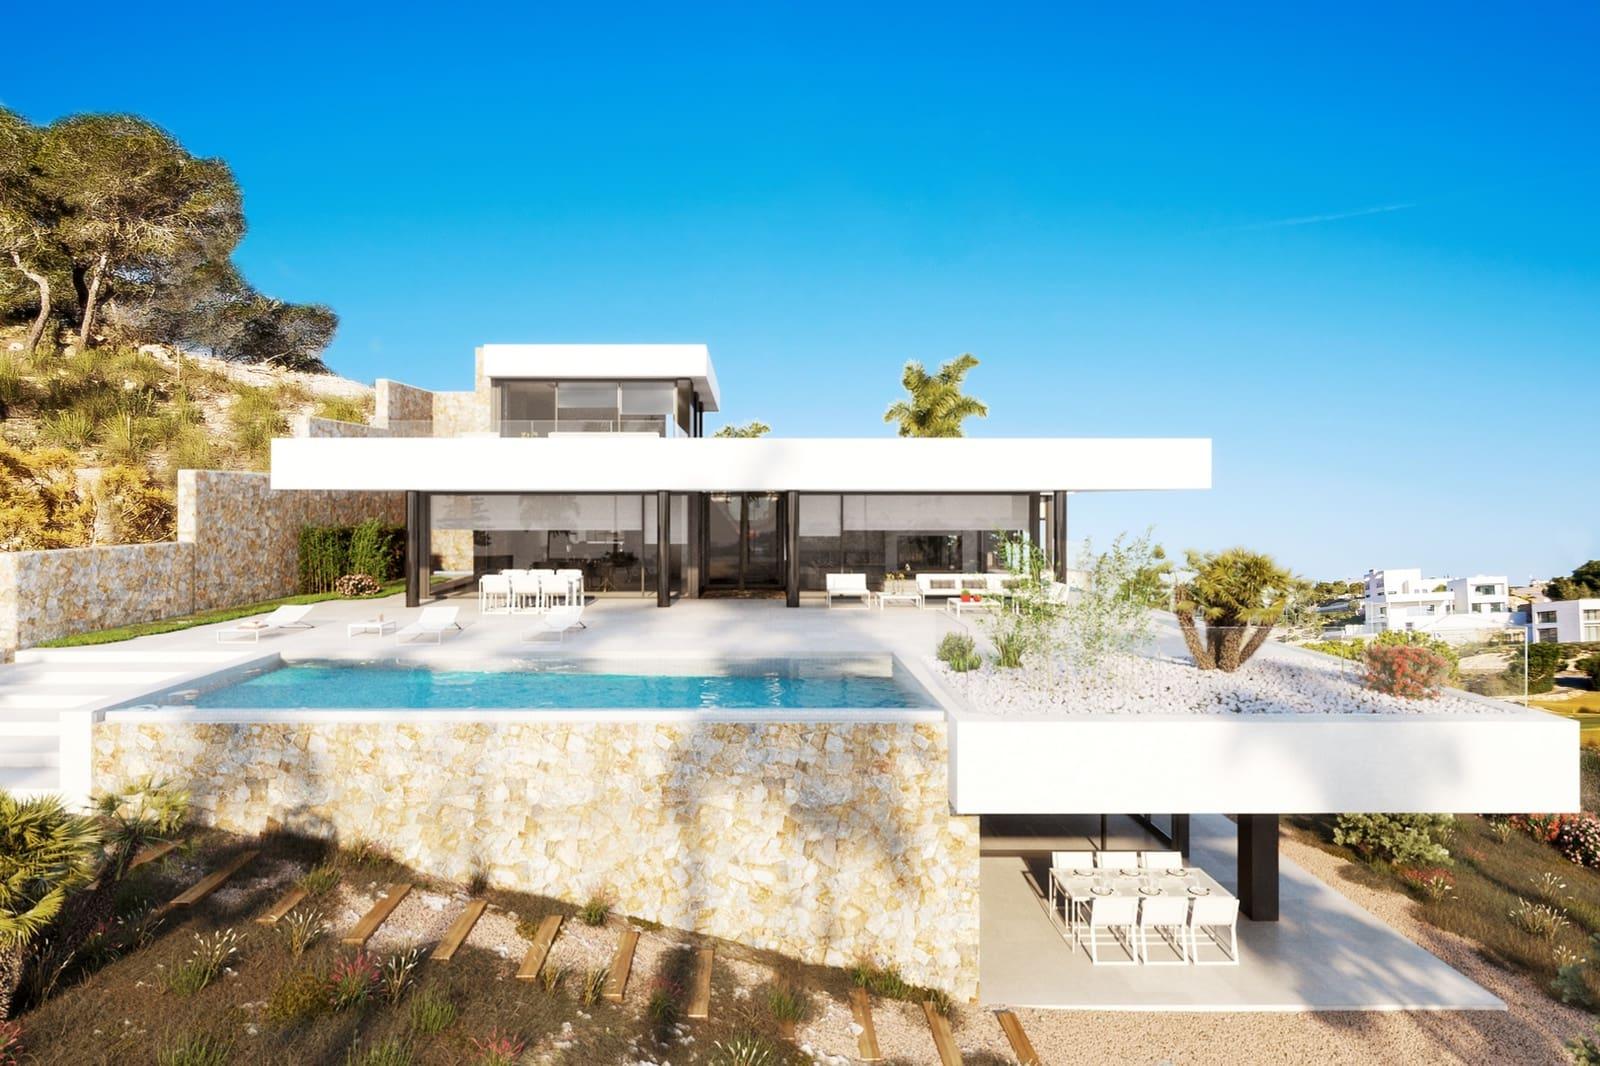 Chalet de 3 habitaciones en Las Colinas Golf en venta con piscina garaje - 1.500.000 € (Ref: 4725465)